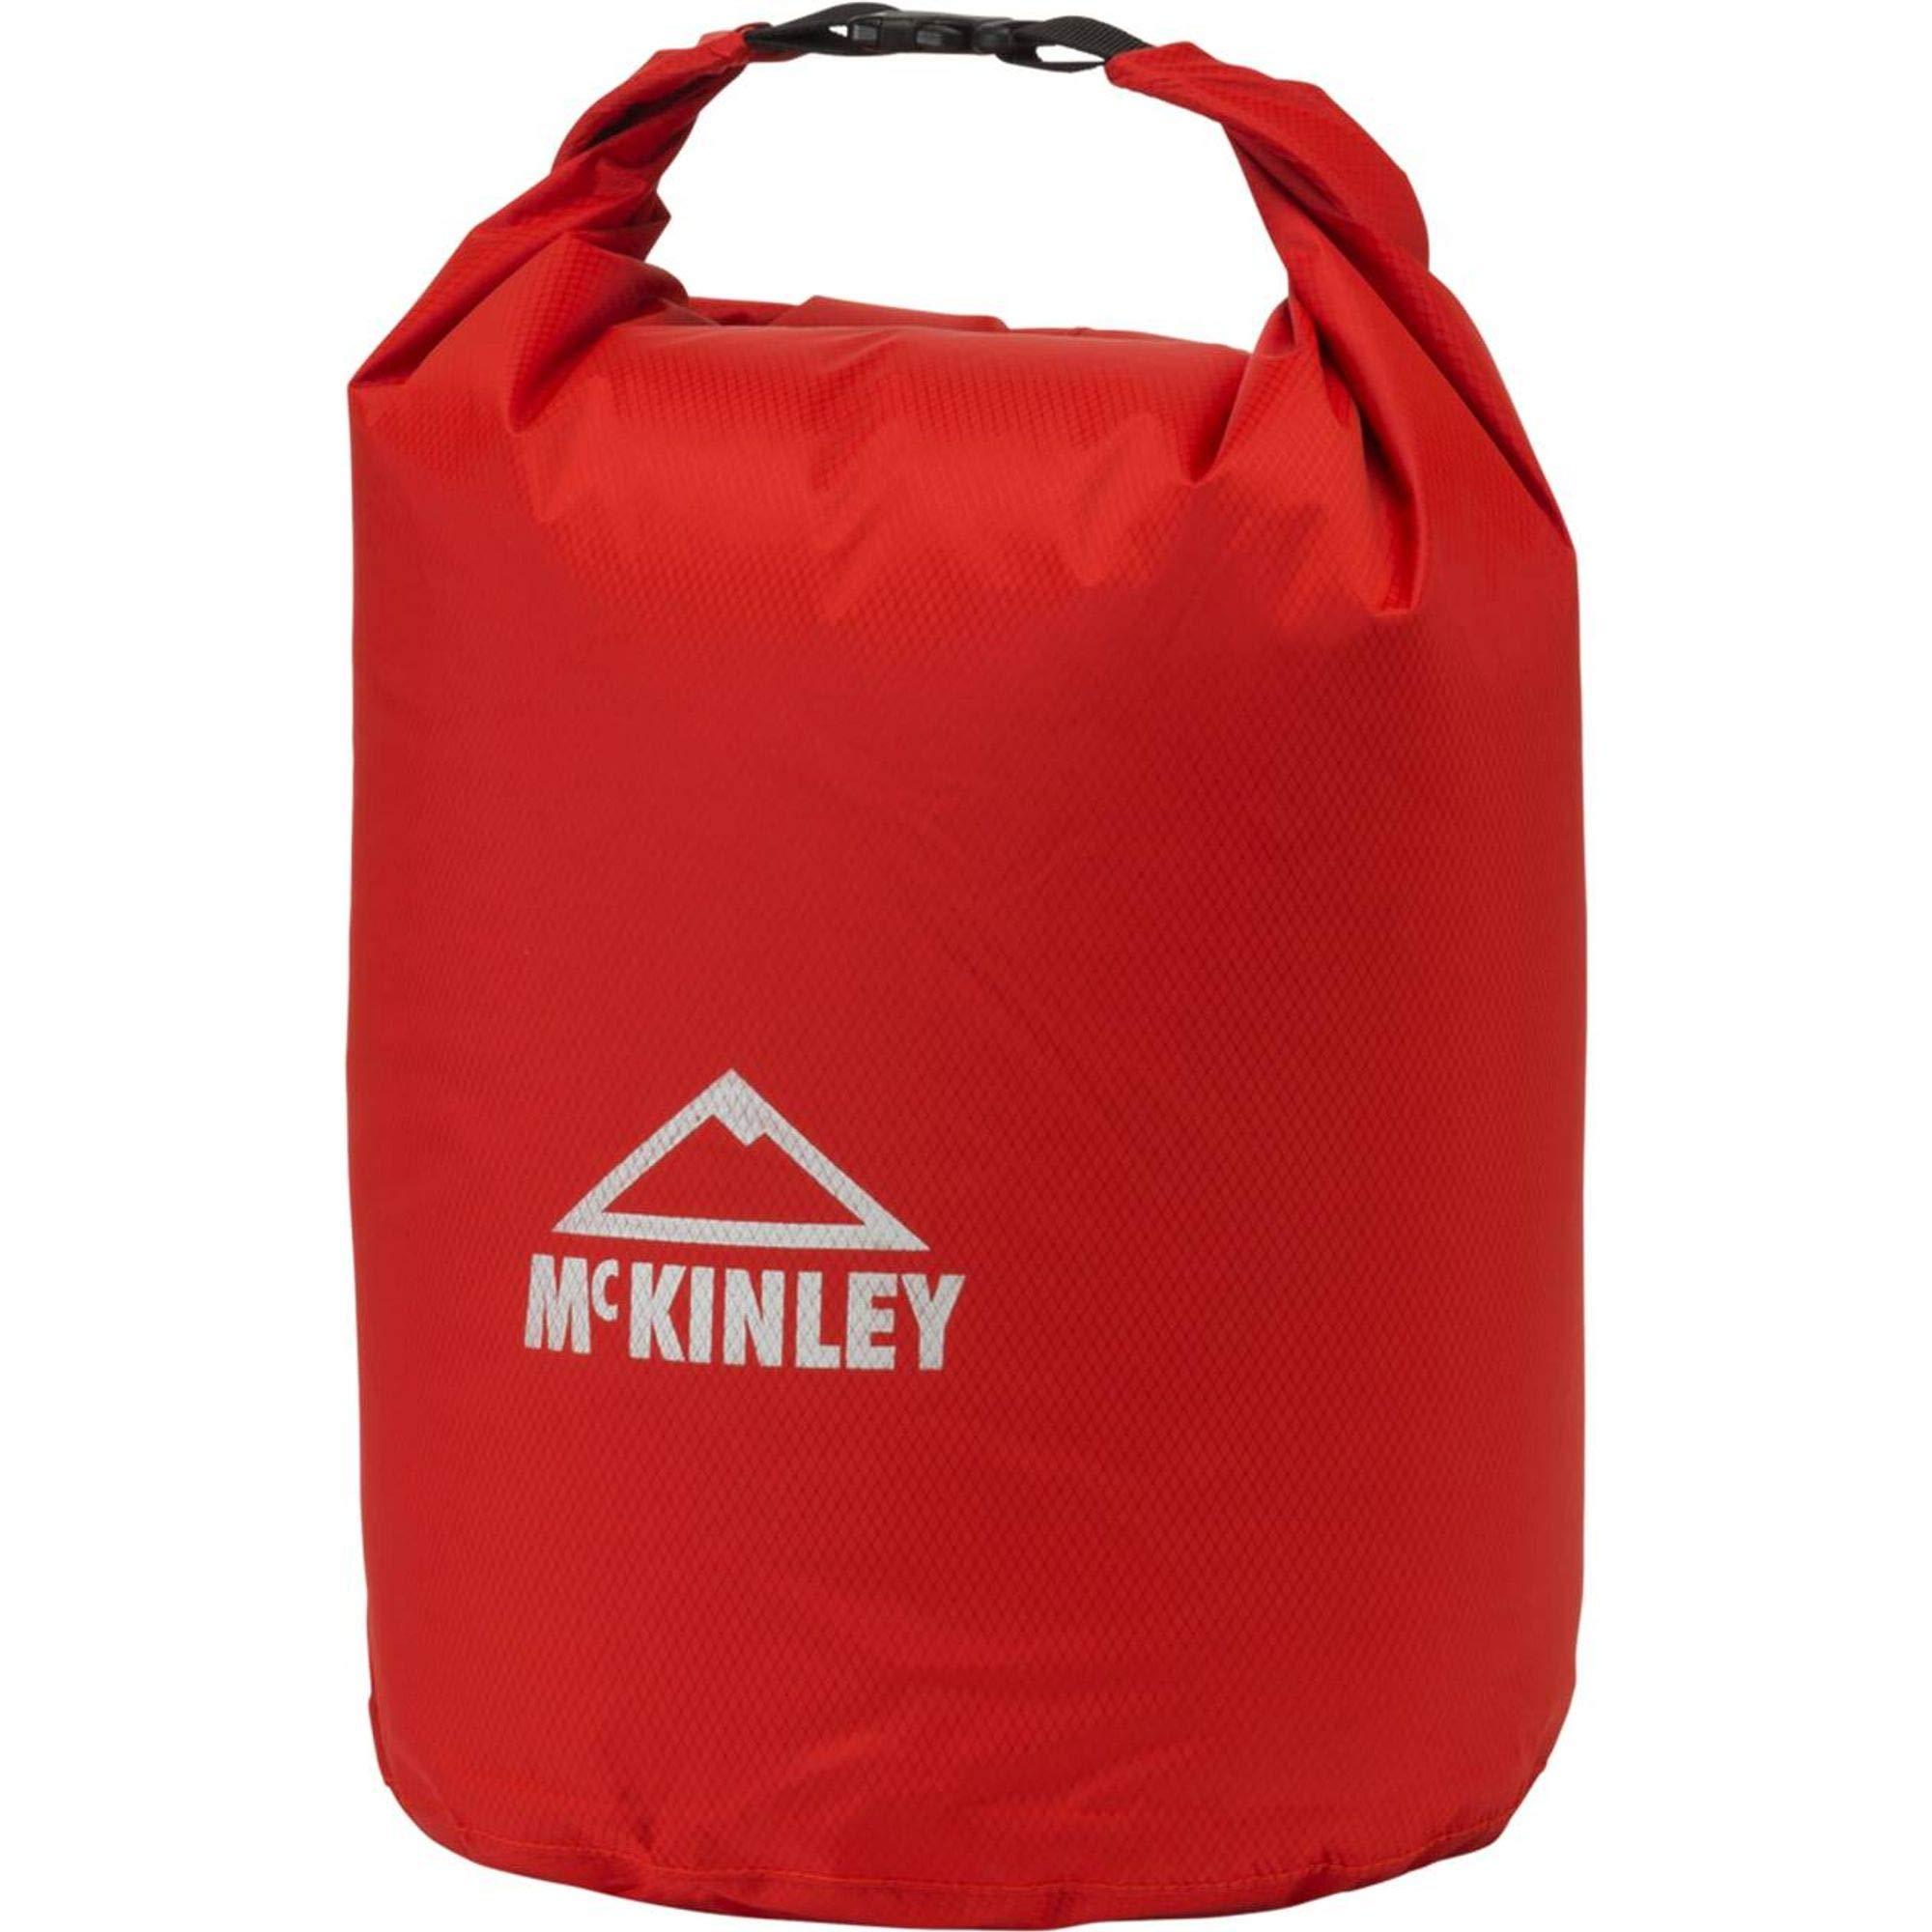 McKINLEY Packsack Leichtgewichts, rot, 25 x 51 x 10 cm